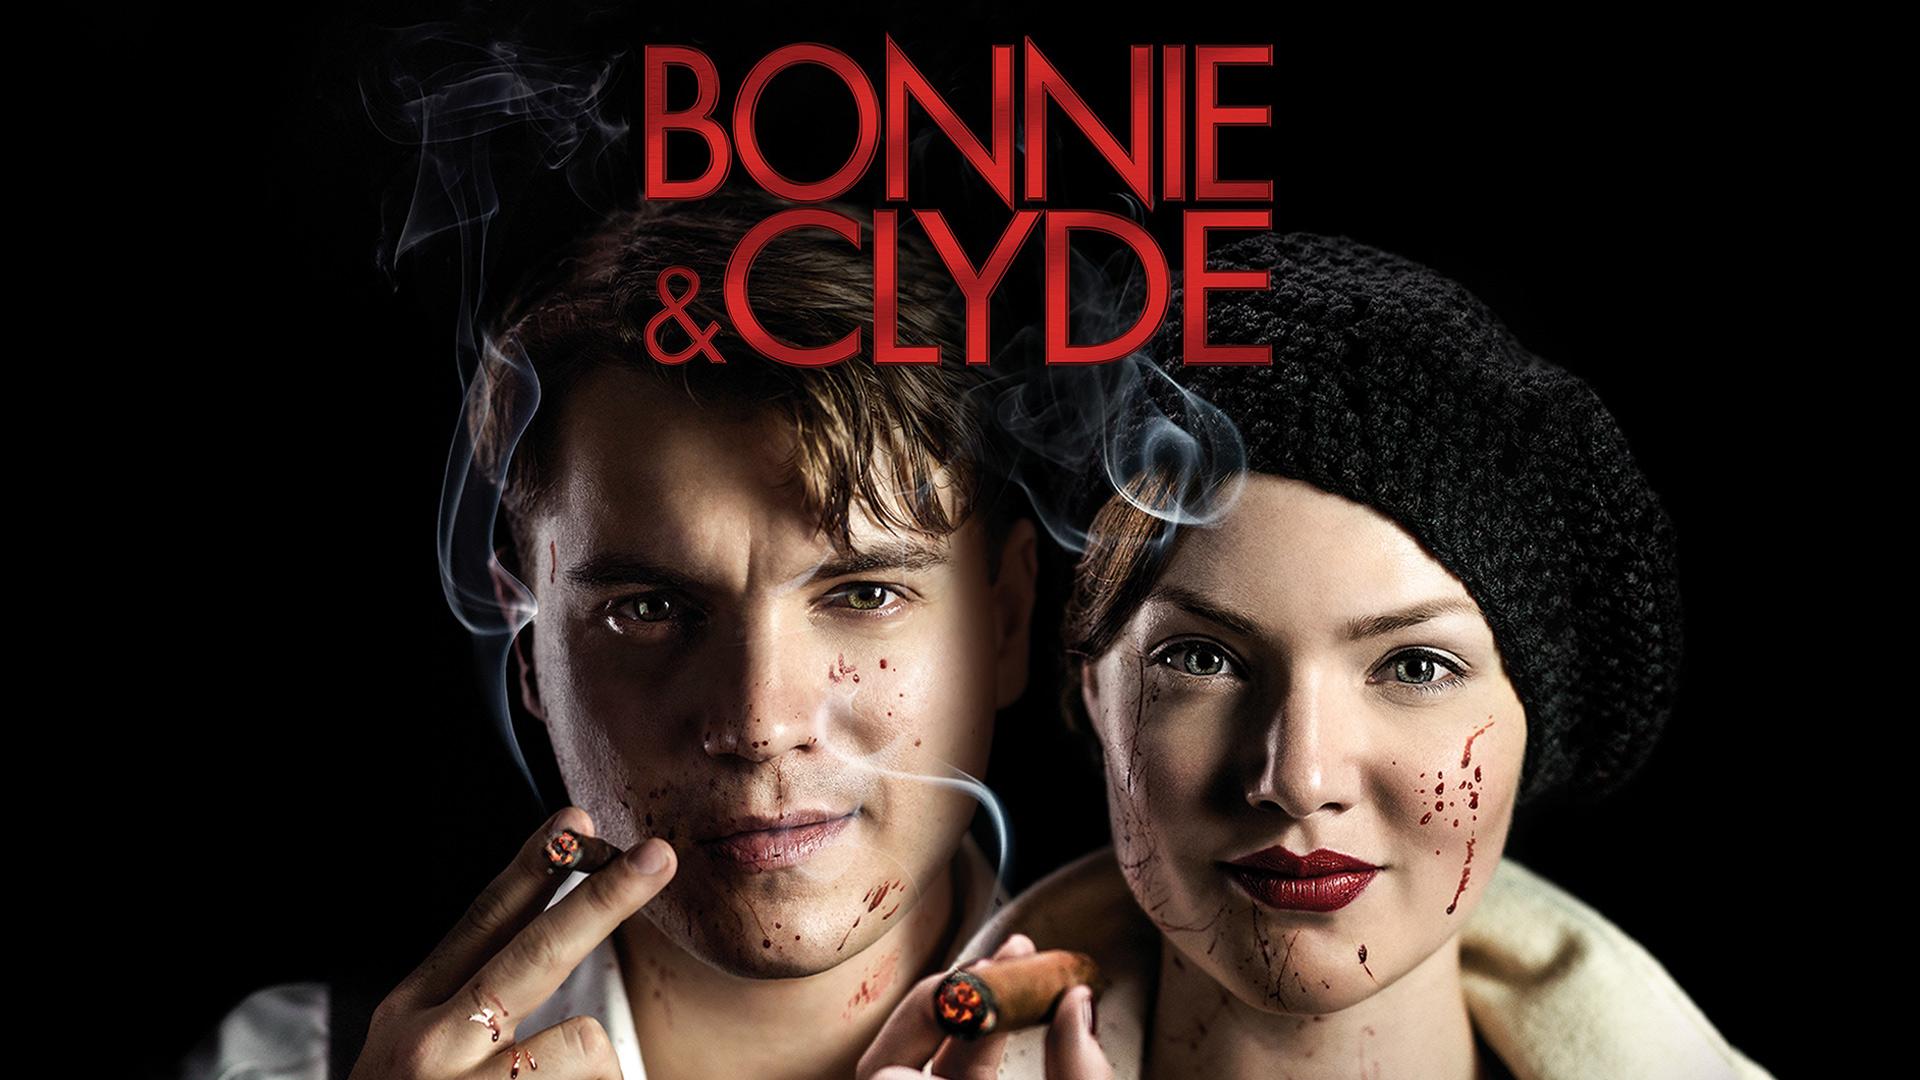 Bonnie & Clyde Season 1 (4K UHD)